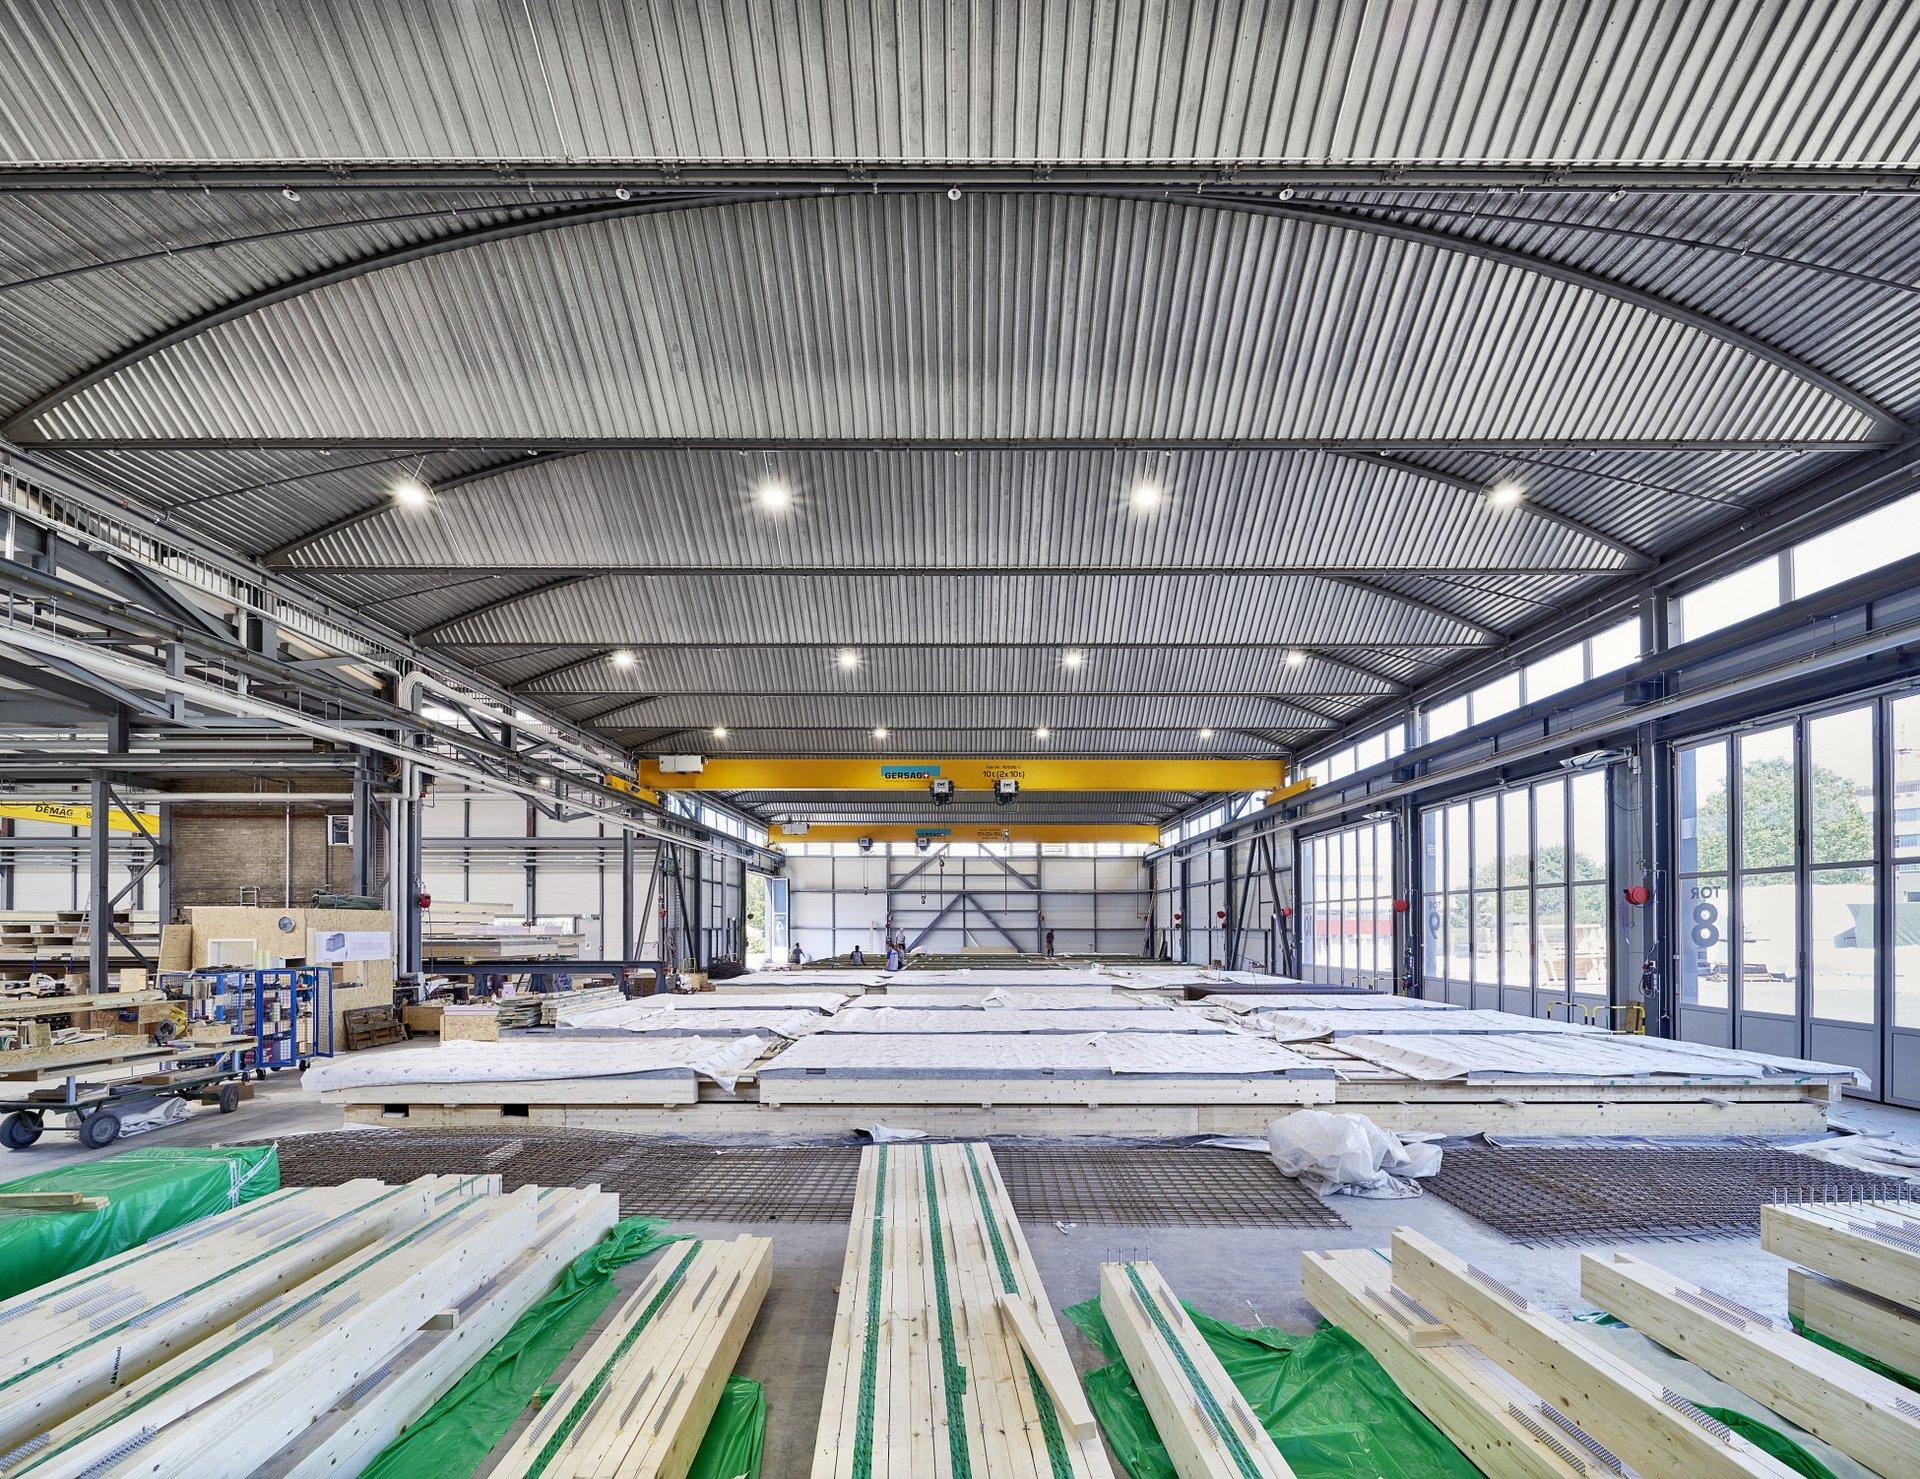 Einblick in die Lagerung der Holz-Beton-Verbundsysteme die wie riesige Sandkästen nebeneinander lagern